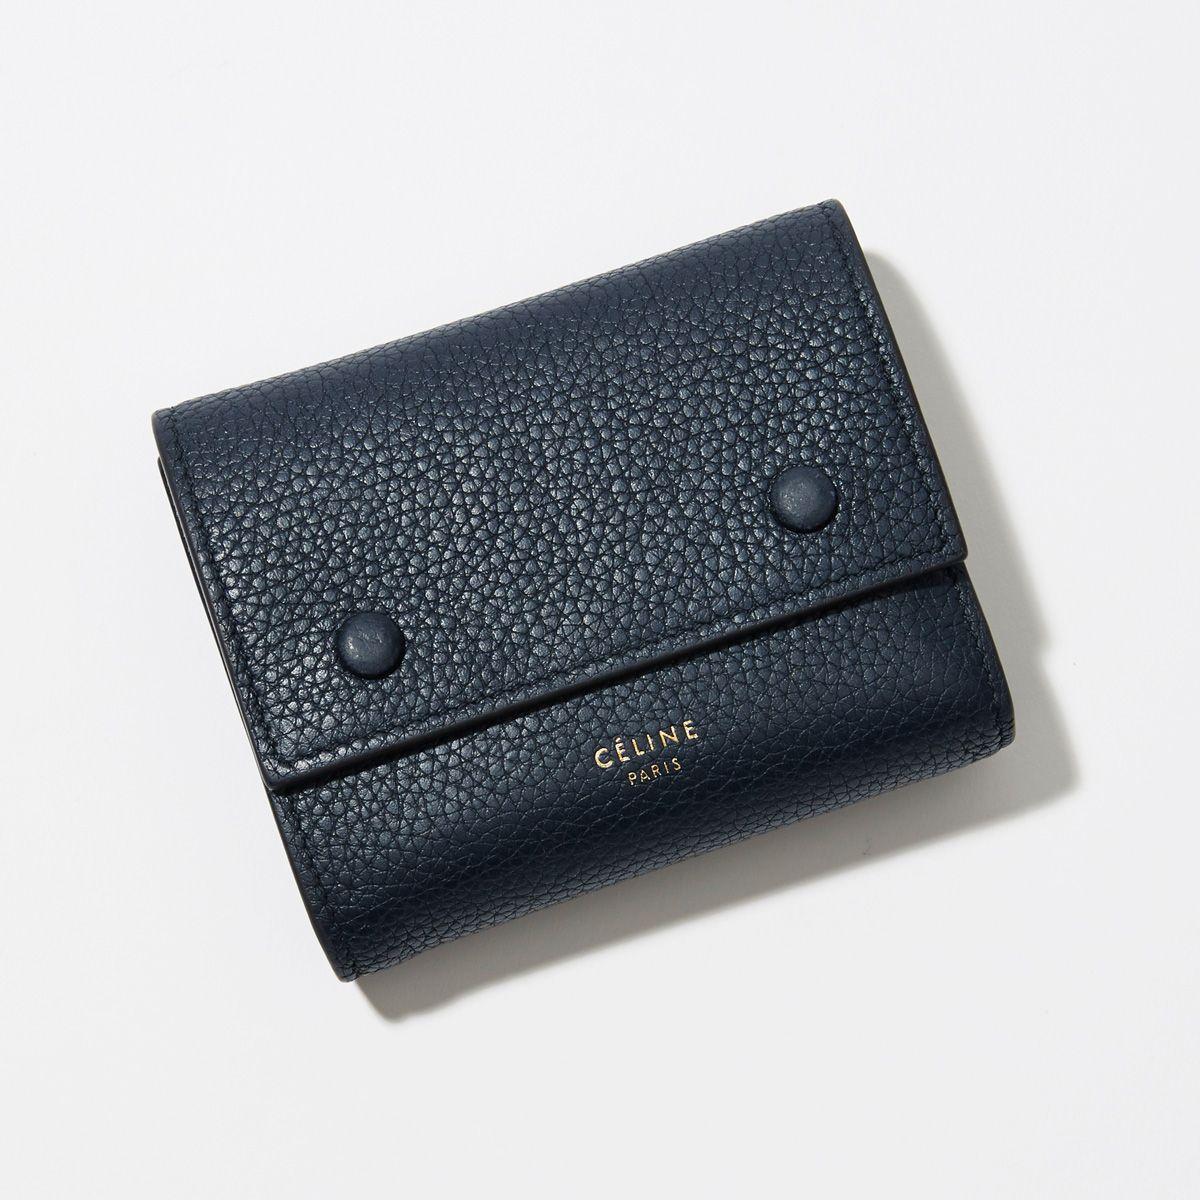 the latest d1cb8 08019 今、ミニ財布が大ブーム! エディターのおすすめはどれ | Vogue ...